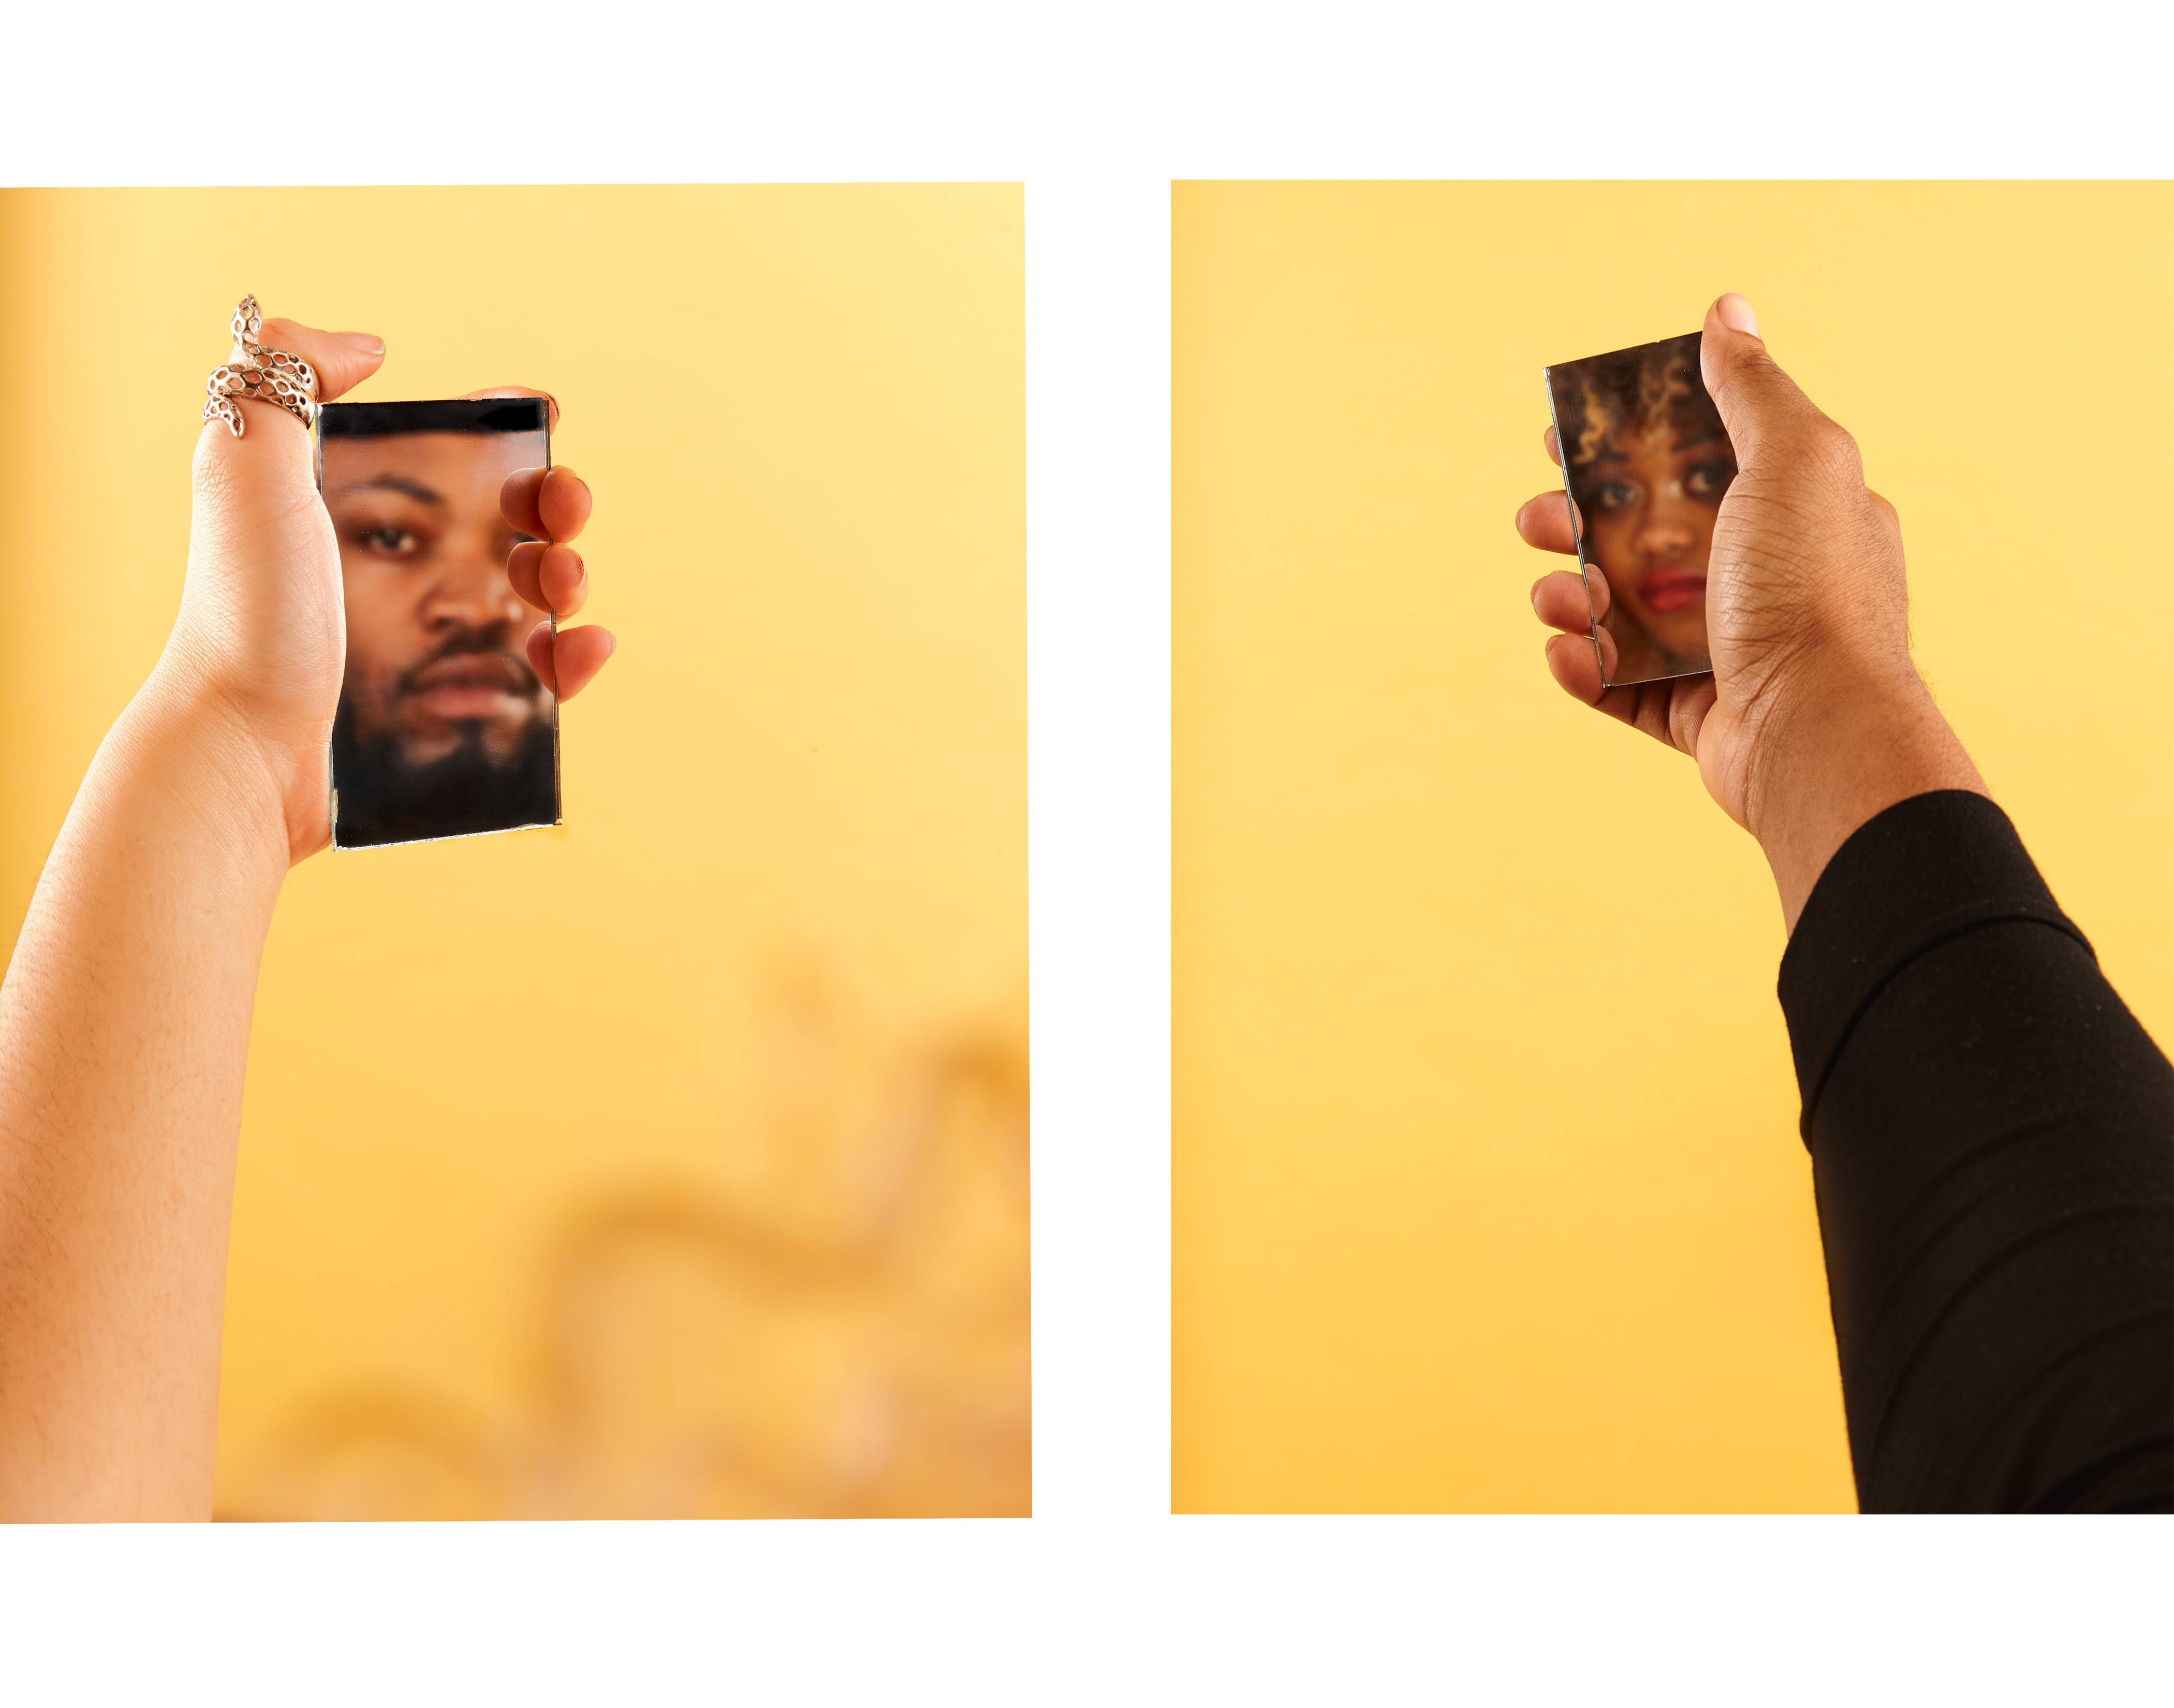 Kahdeem_prosper_jefferson_man in the mirror 2